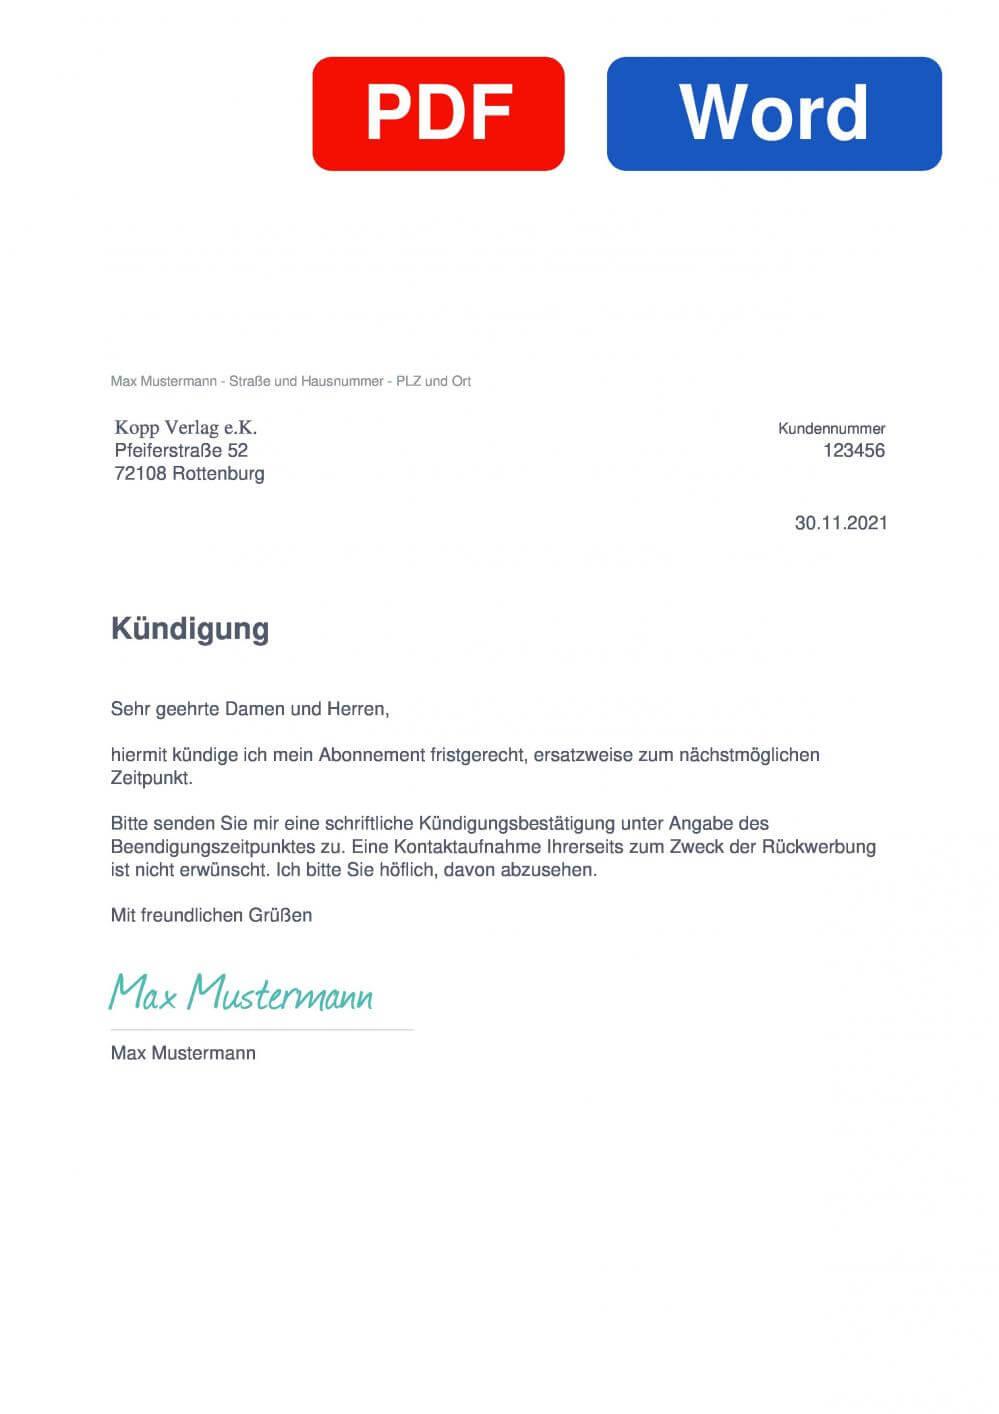 Kopp Verlag Muster Vorlage für Kündigungsschreiben